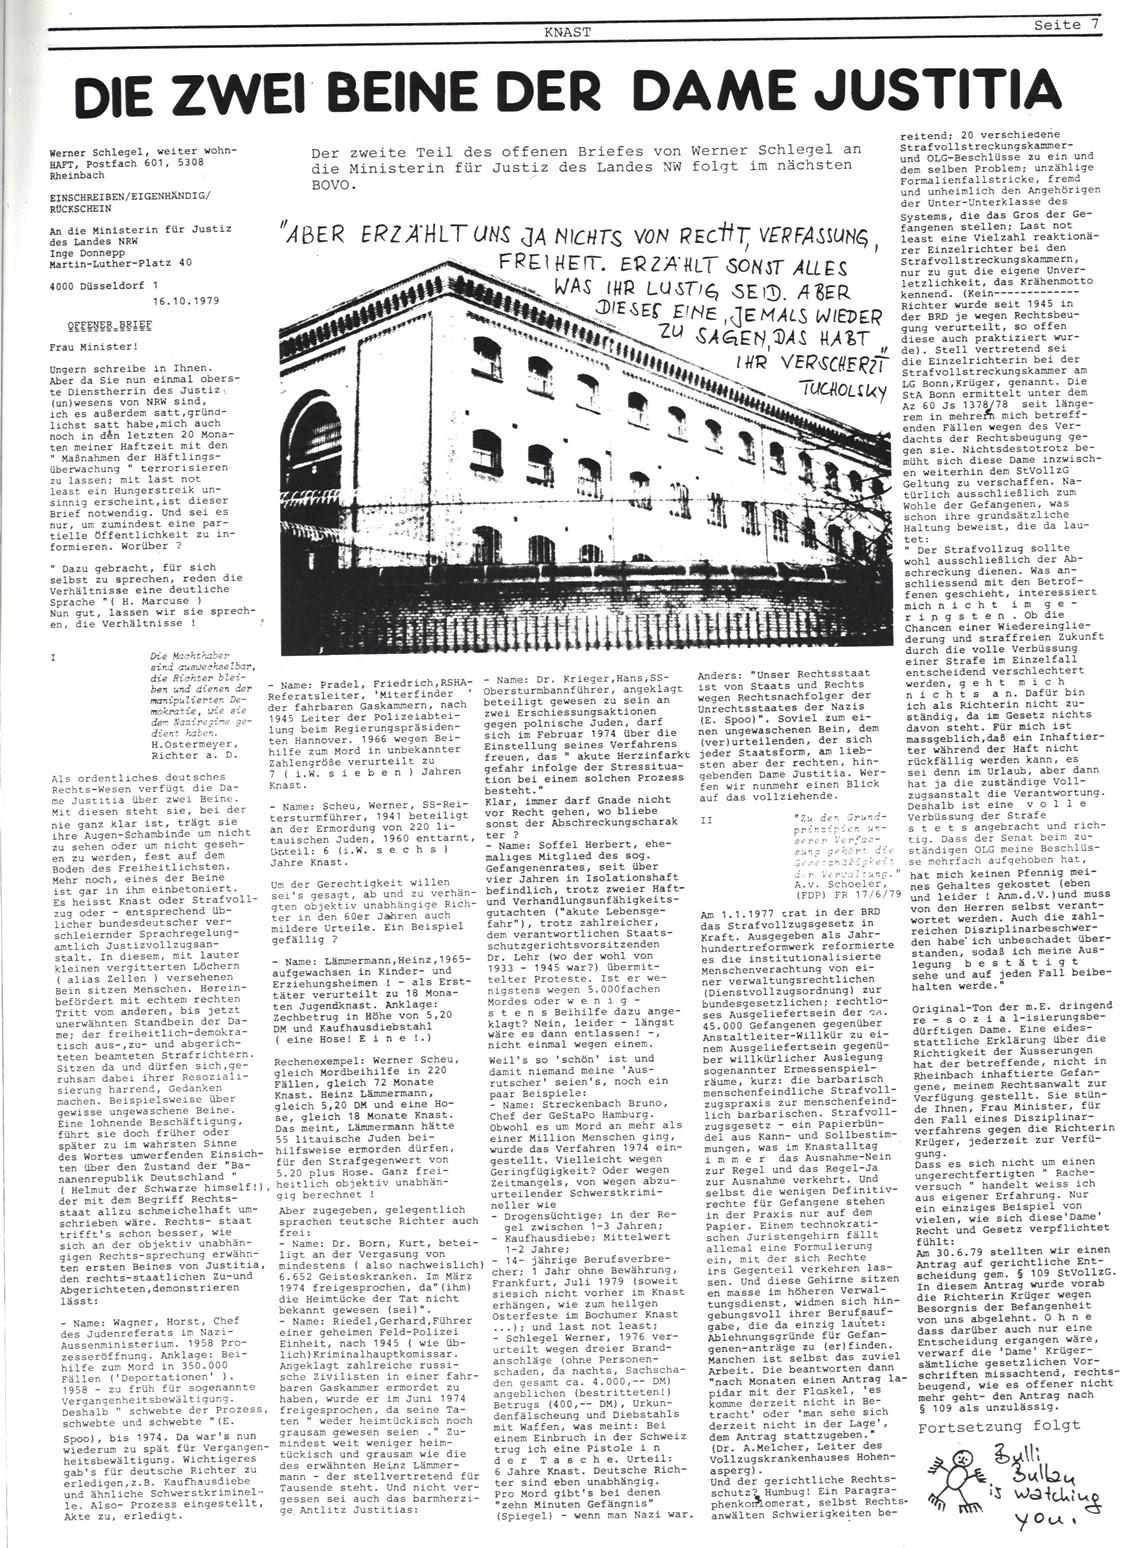 Bonner_Volksblatt_29_19791031_07